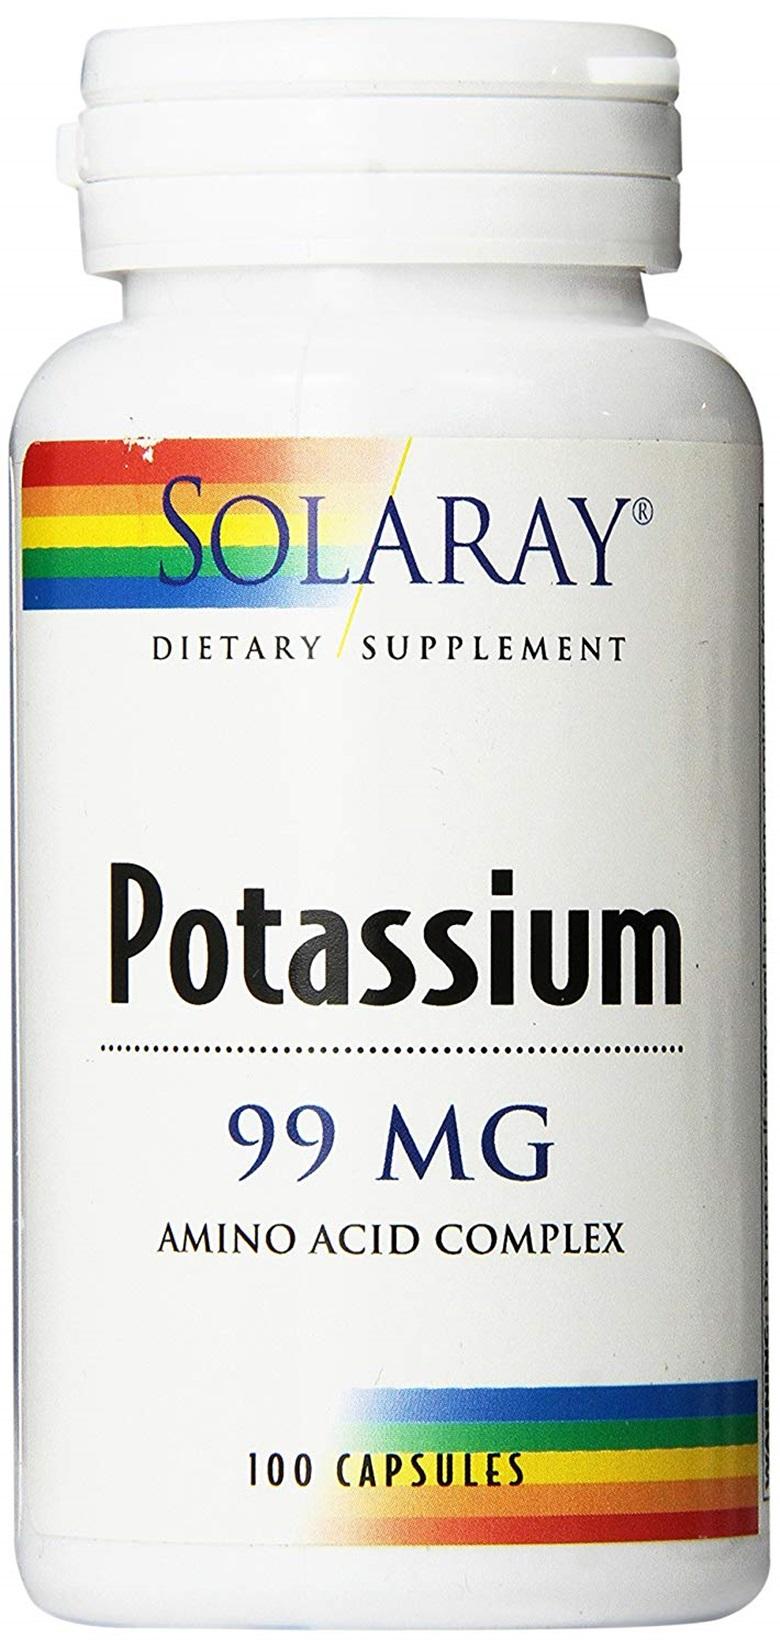 솔라레이 포타슘 99mg 캡슐, 100개입, 1개